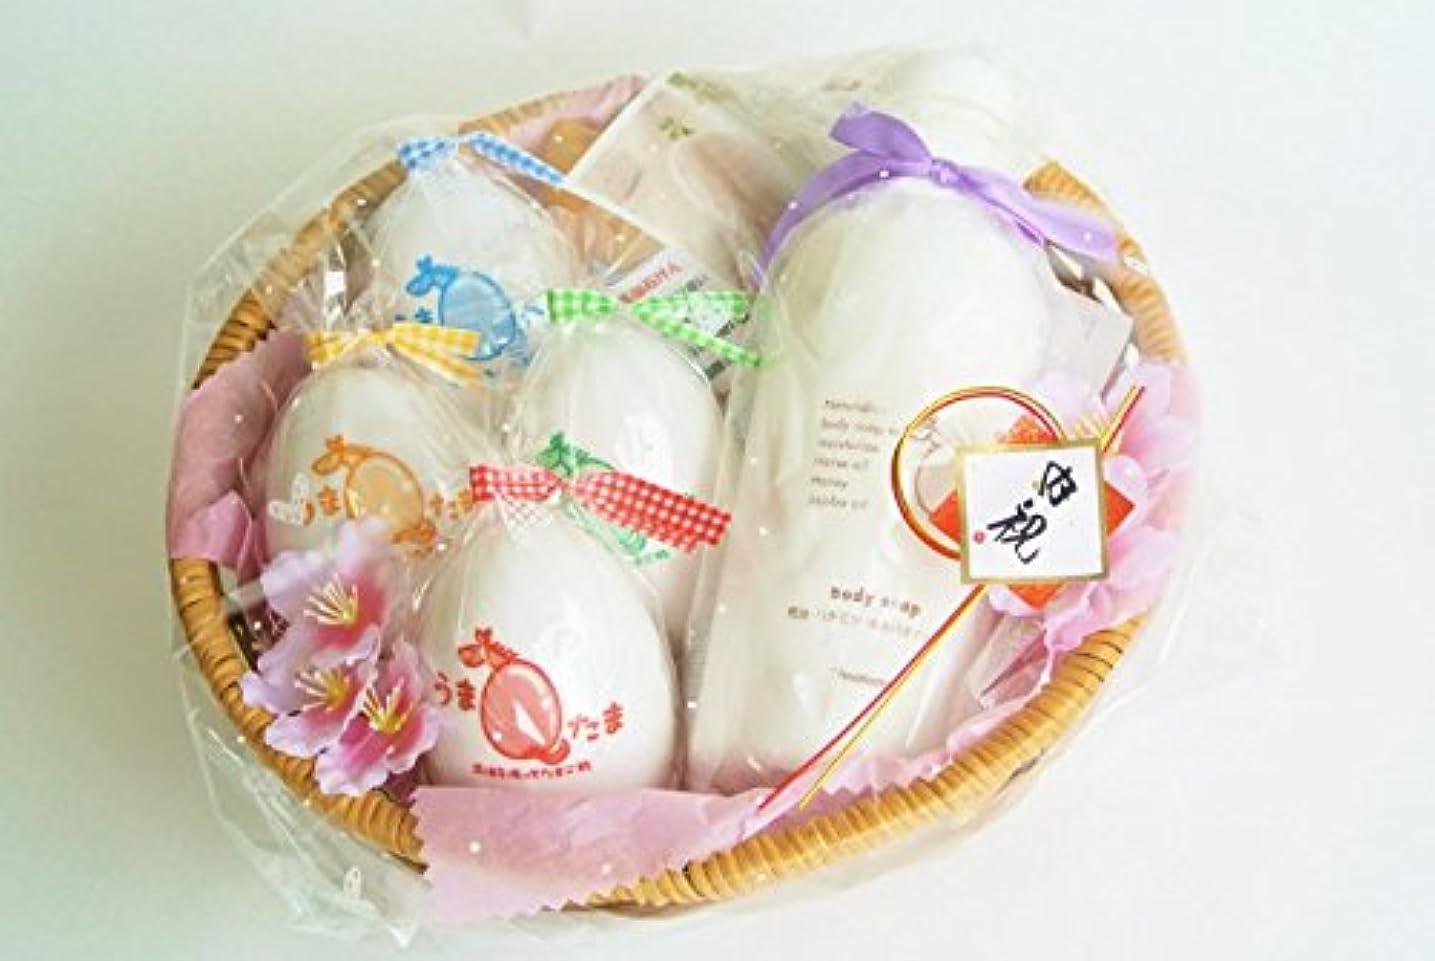 体系的に上回る再開Umatama(ウマタマ) 馬油石鹸うまたま4種類と馬油のボディソープのギフトセット!出産祝い?内祝い?結婚祝い?誕生日祝いにおススメです!